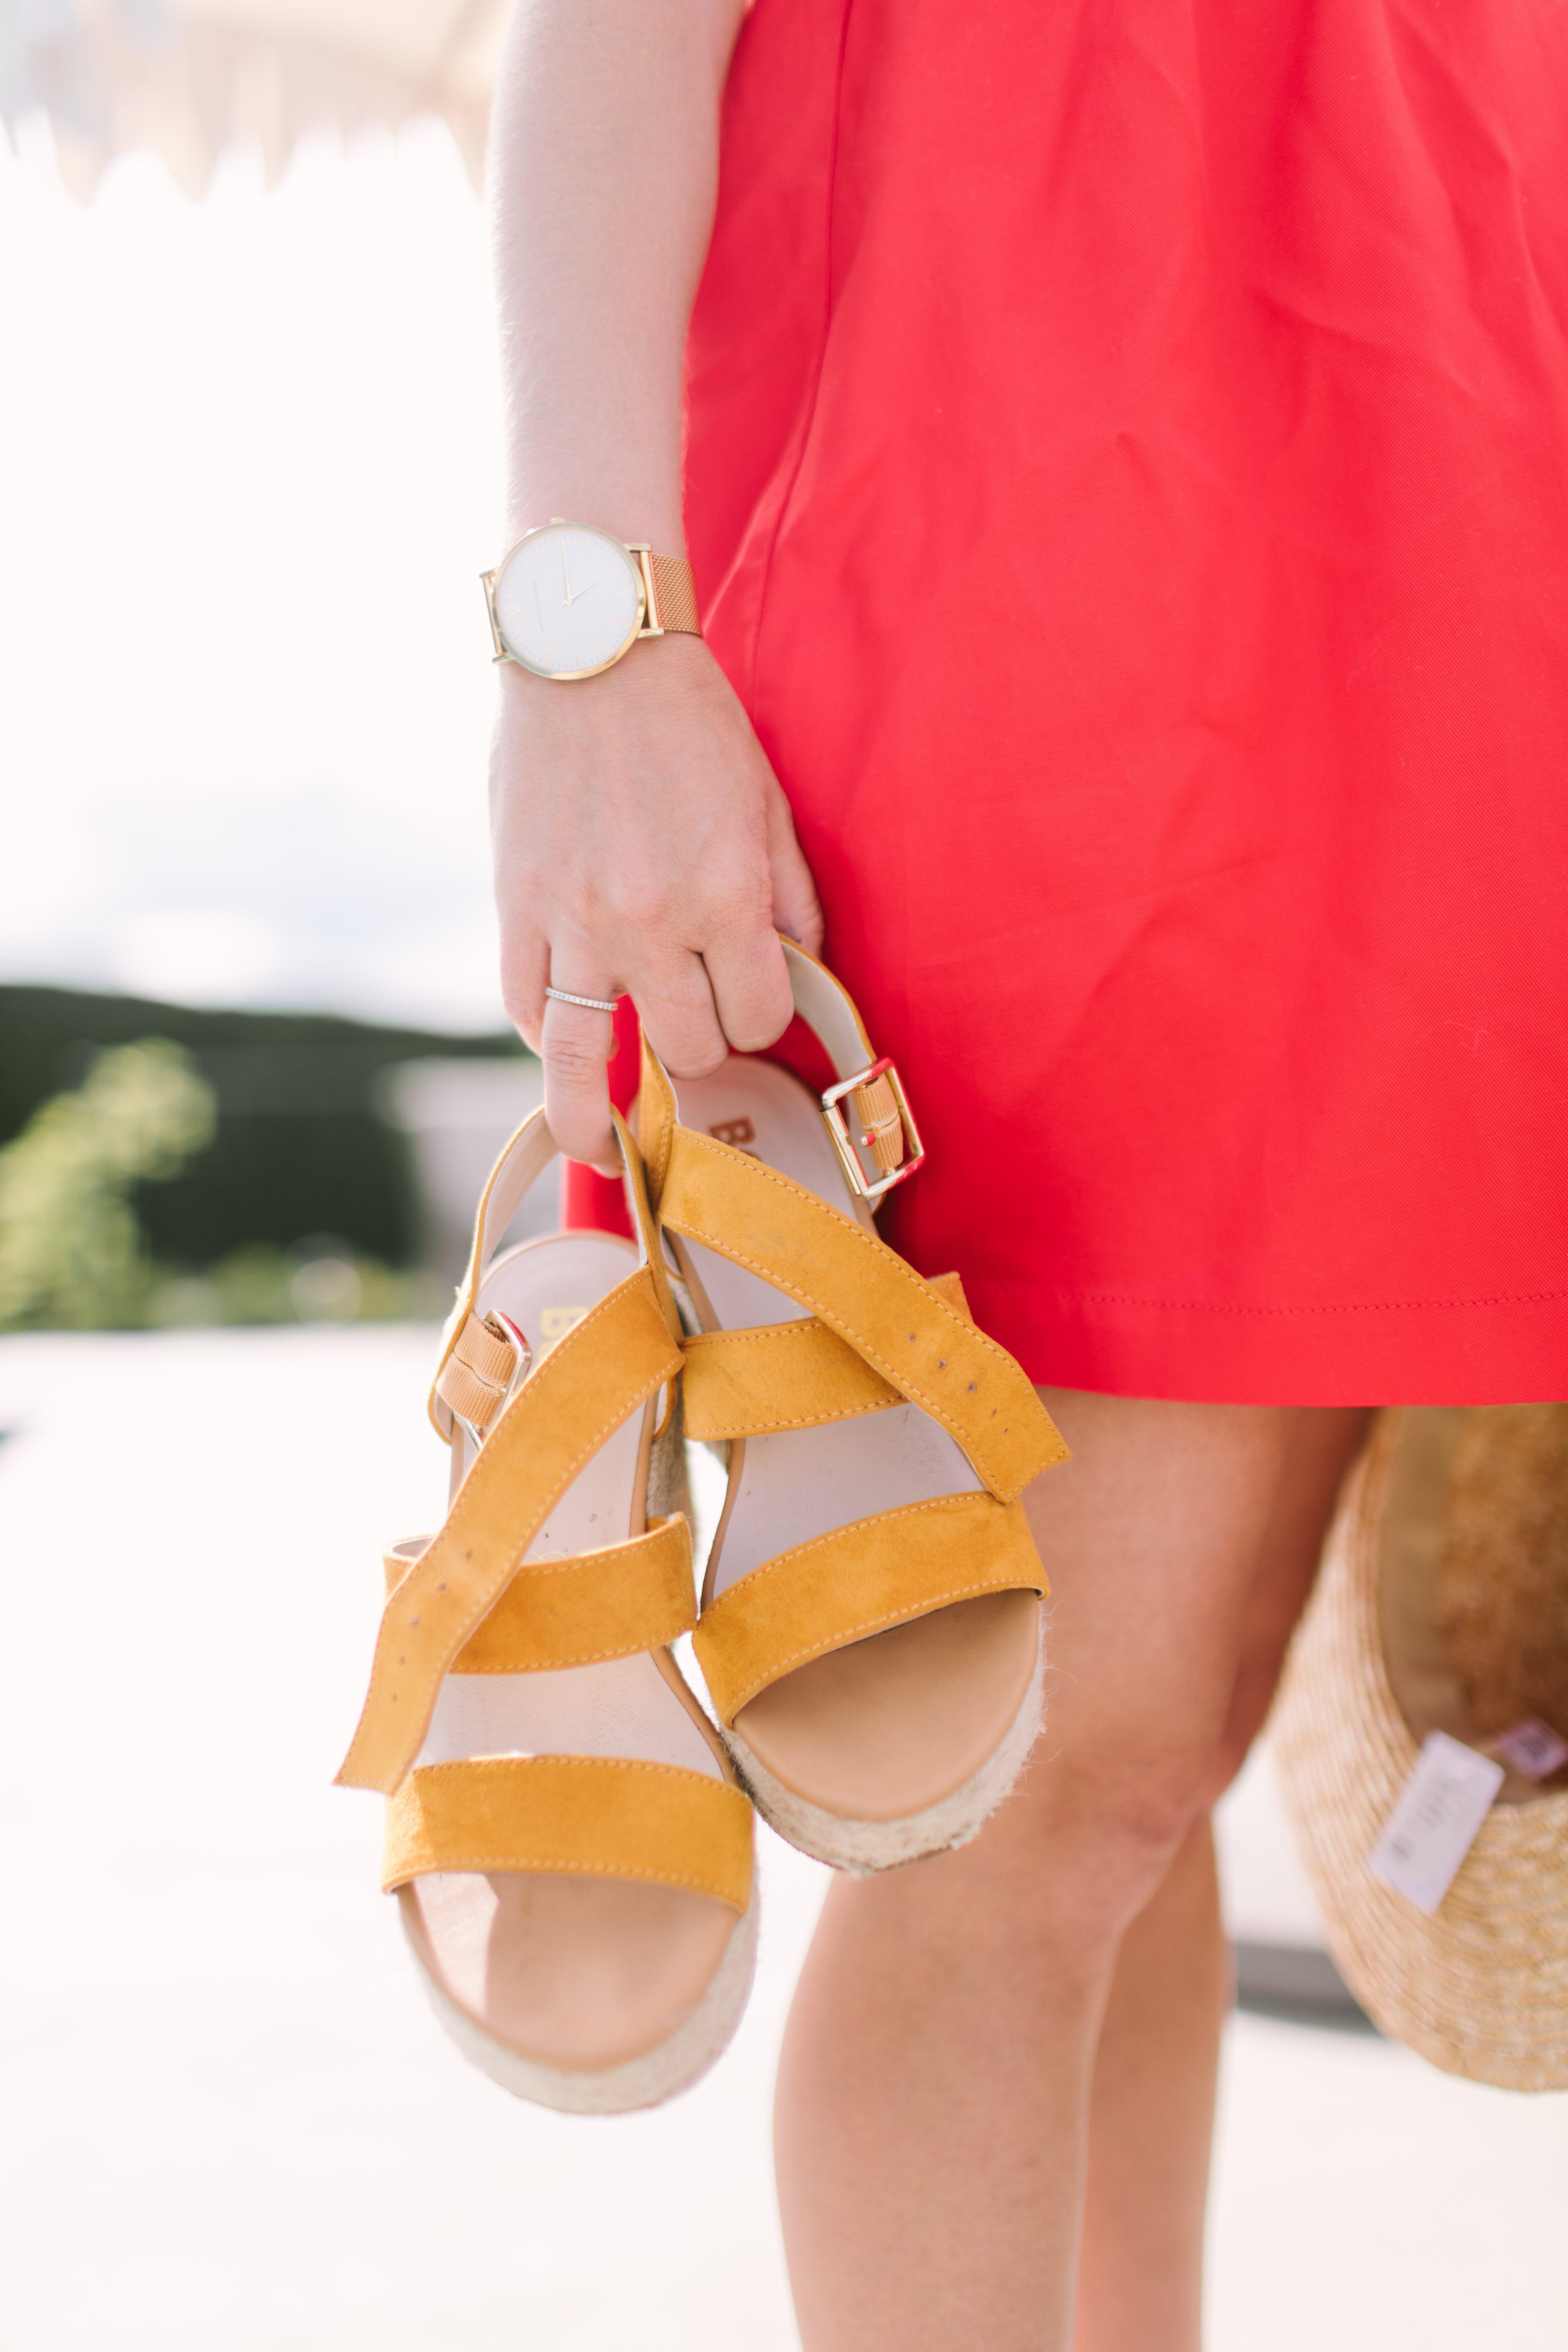 Jilllian Harris Summer Shoe Round Up